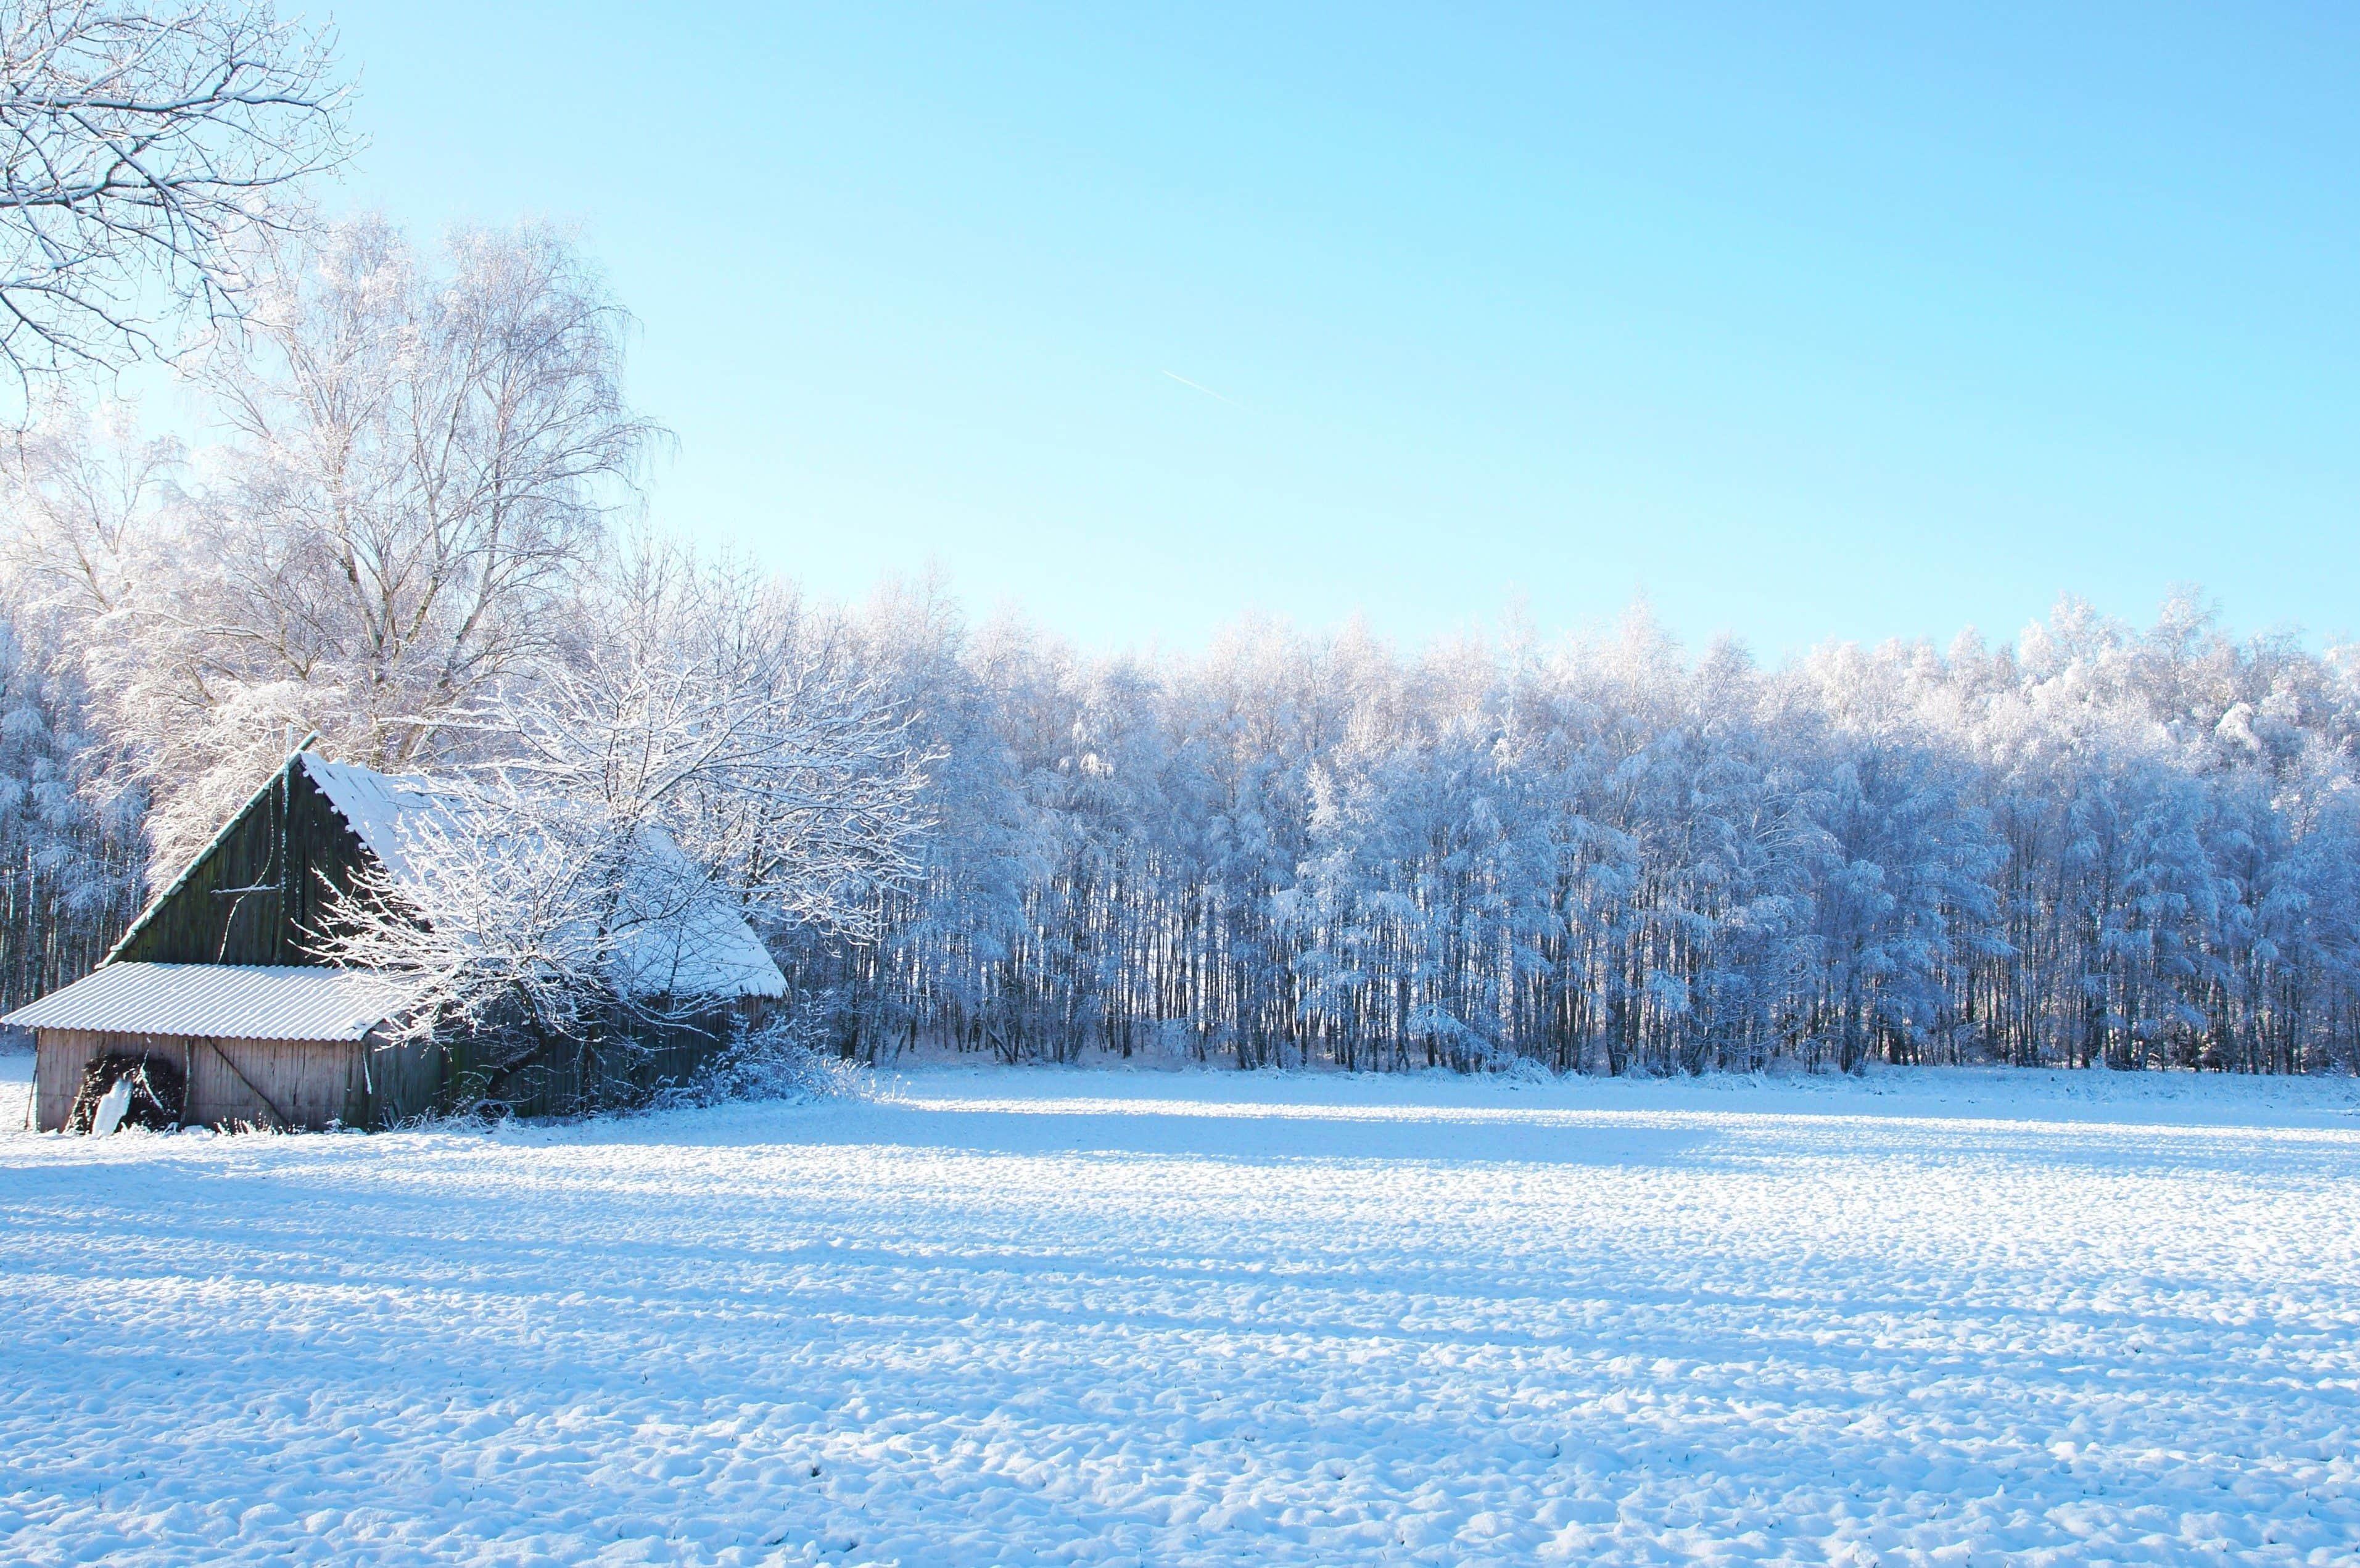 arquitectura tradicional casa en invierno